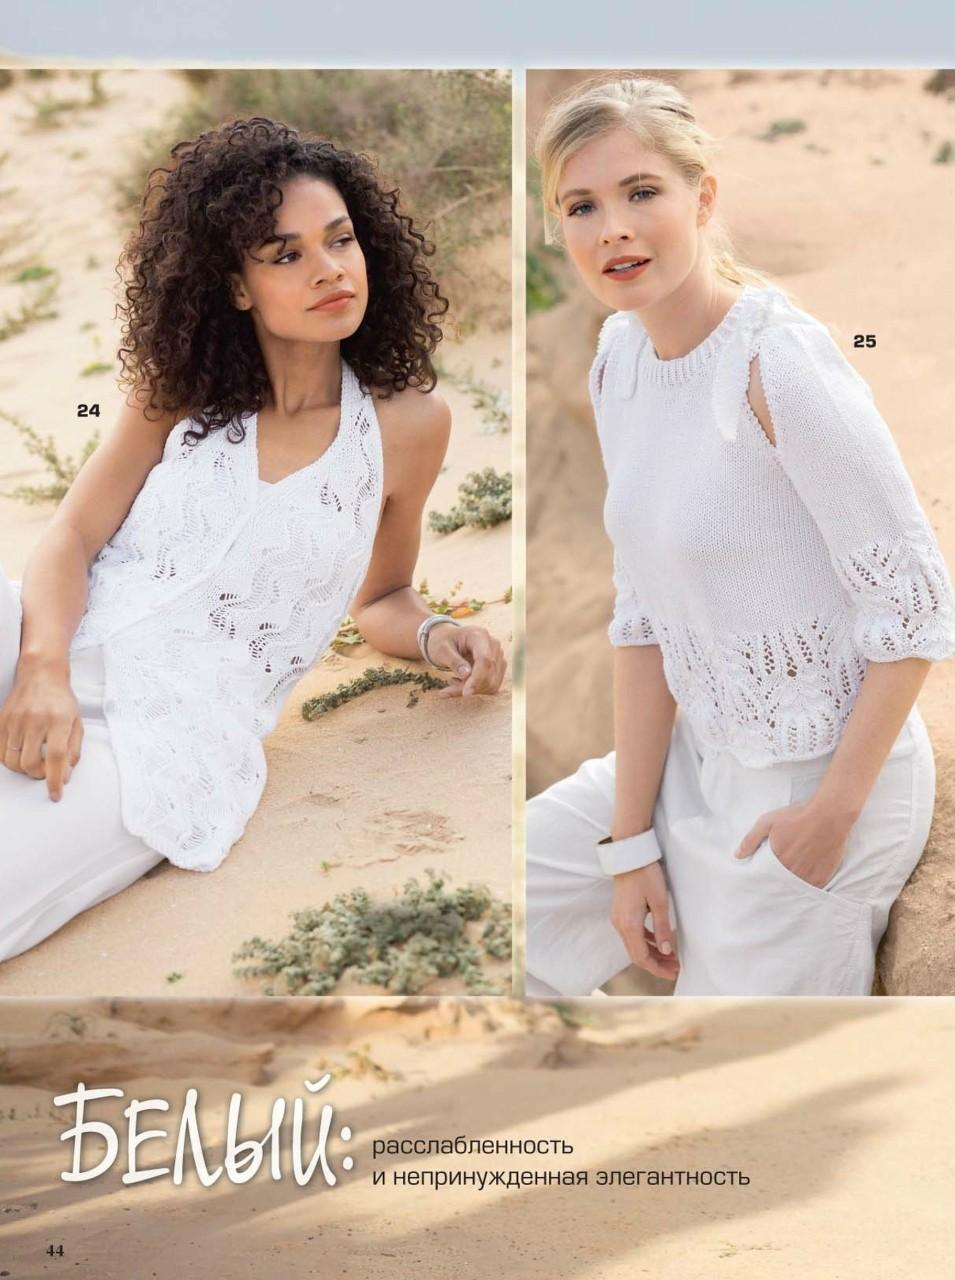 Вязаная мода на лето 217: белый ажур